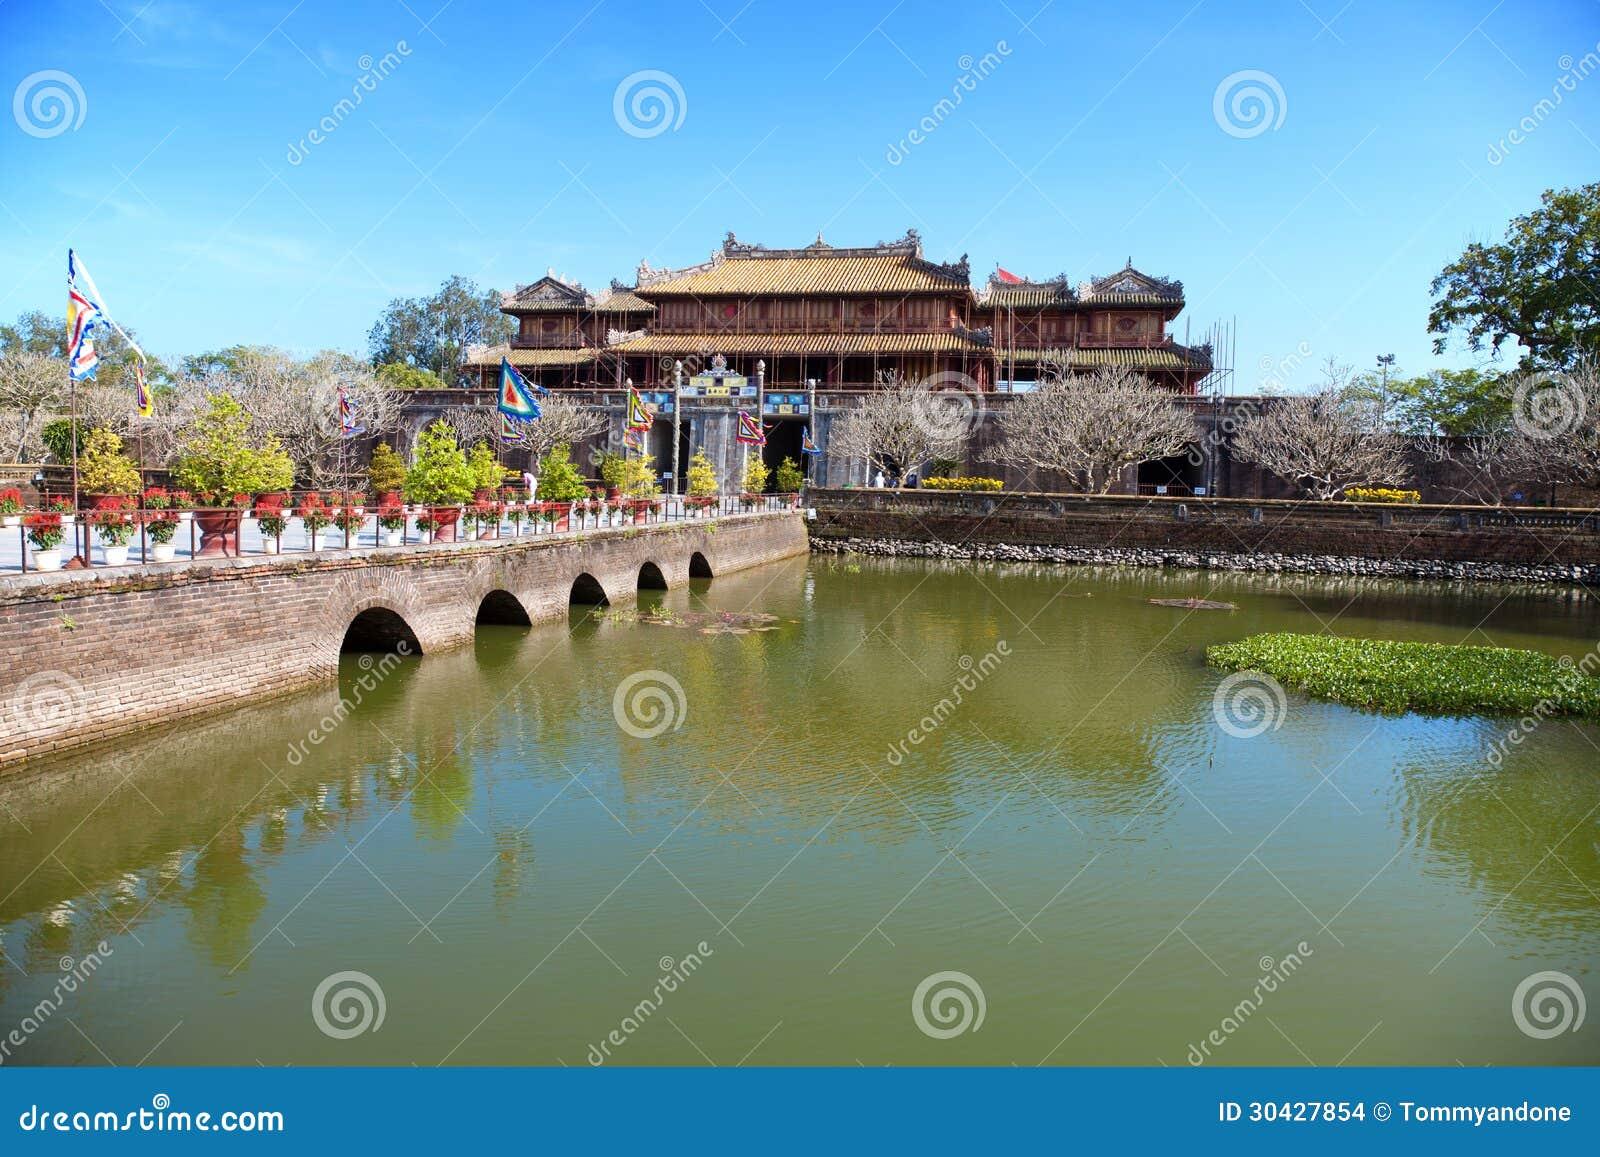 Forbidden city Hue, Vietnam